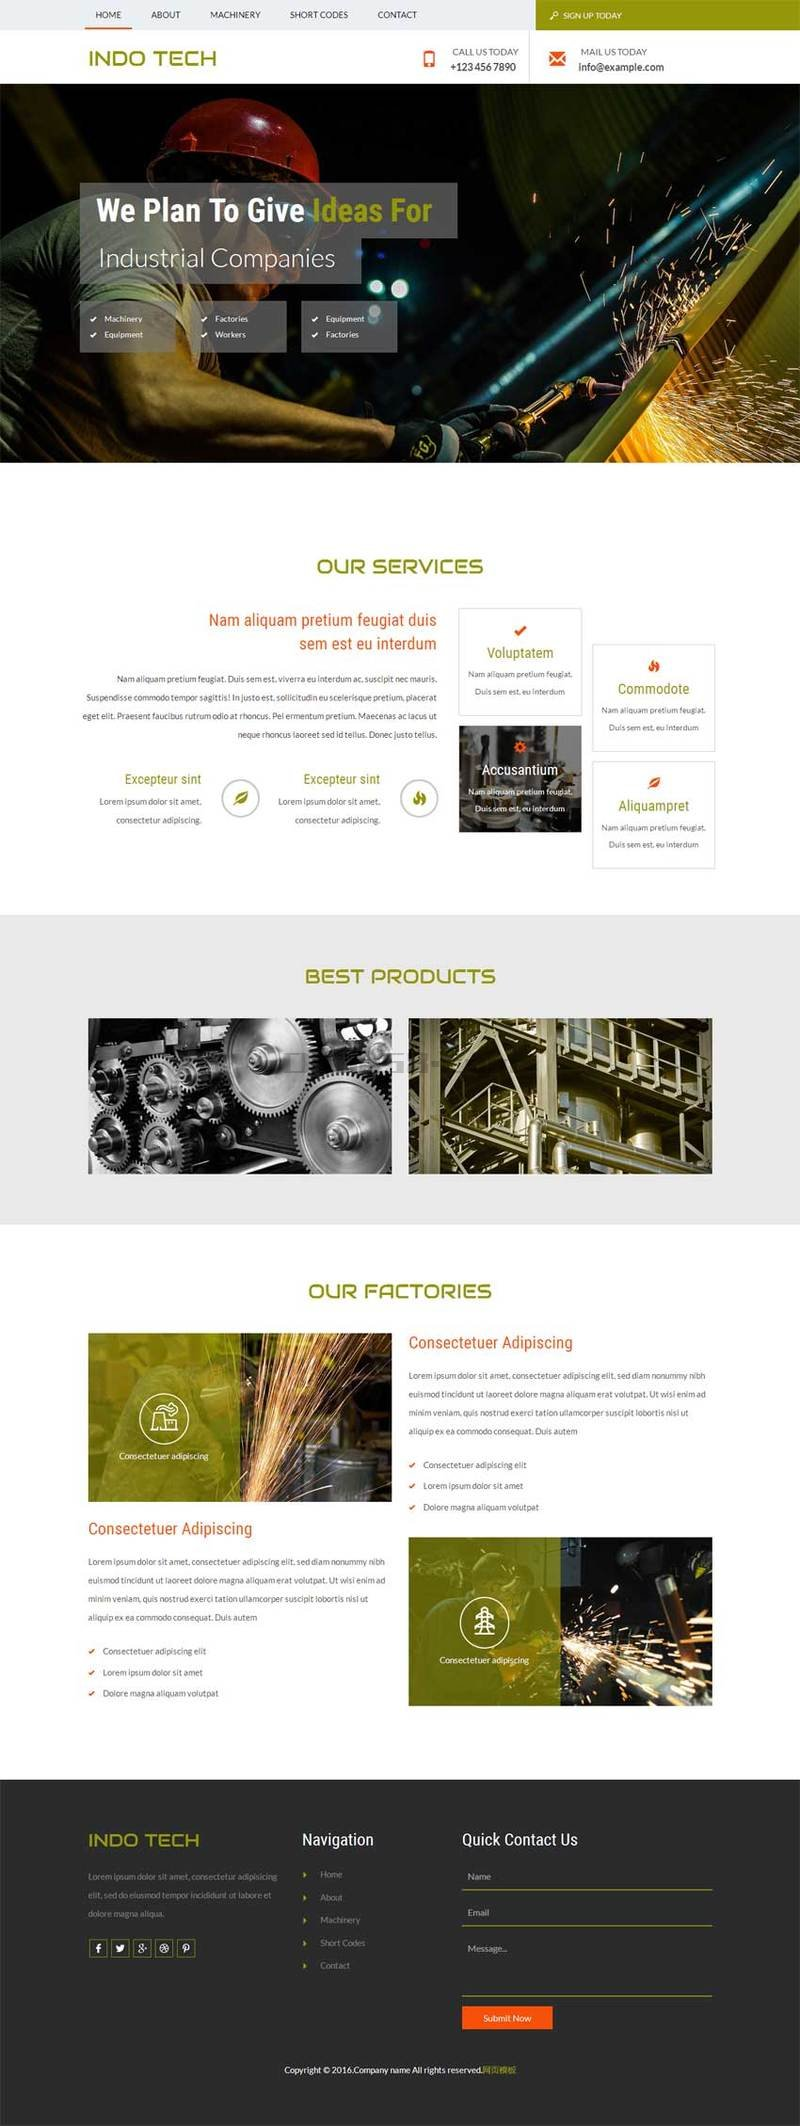 简洁宽屏的机械建设公司网站模板html整站